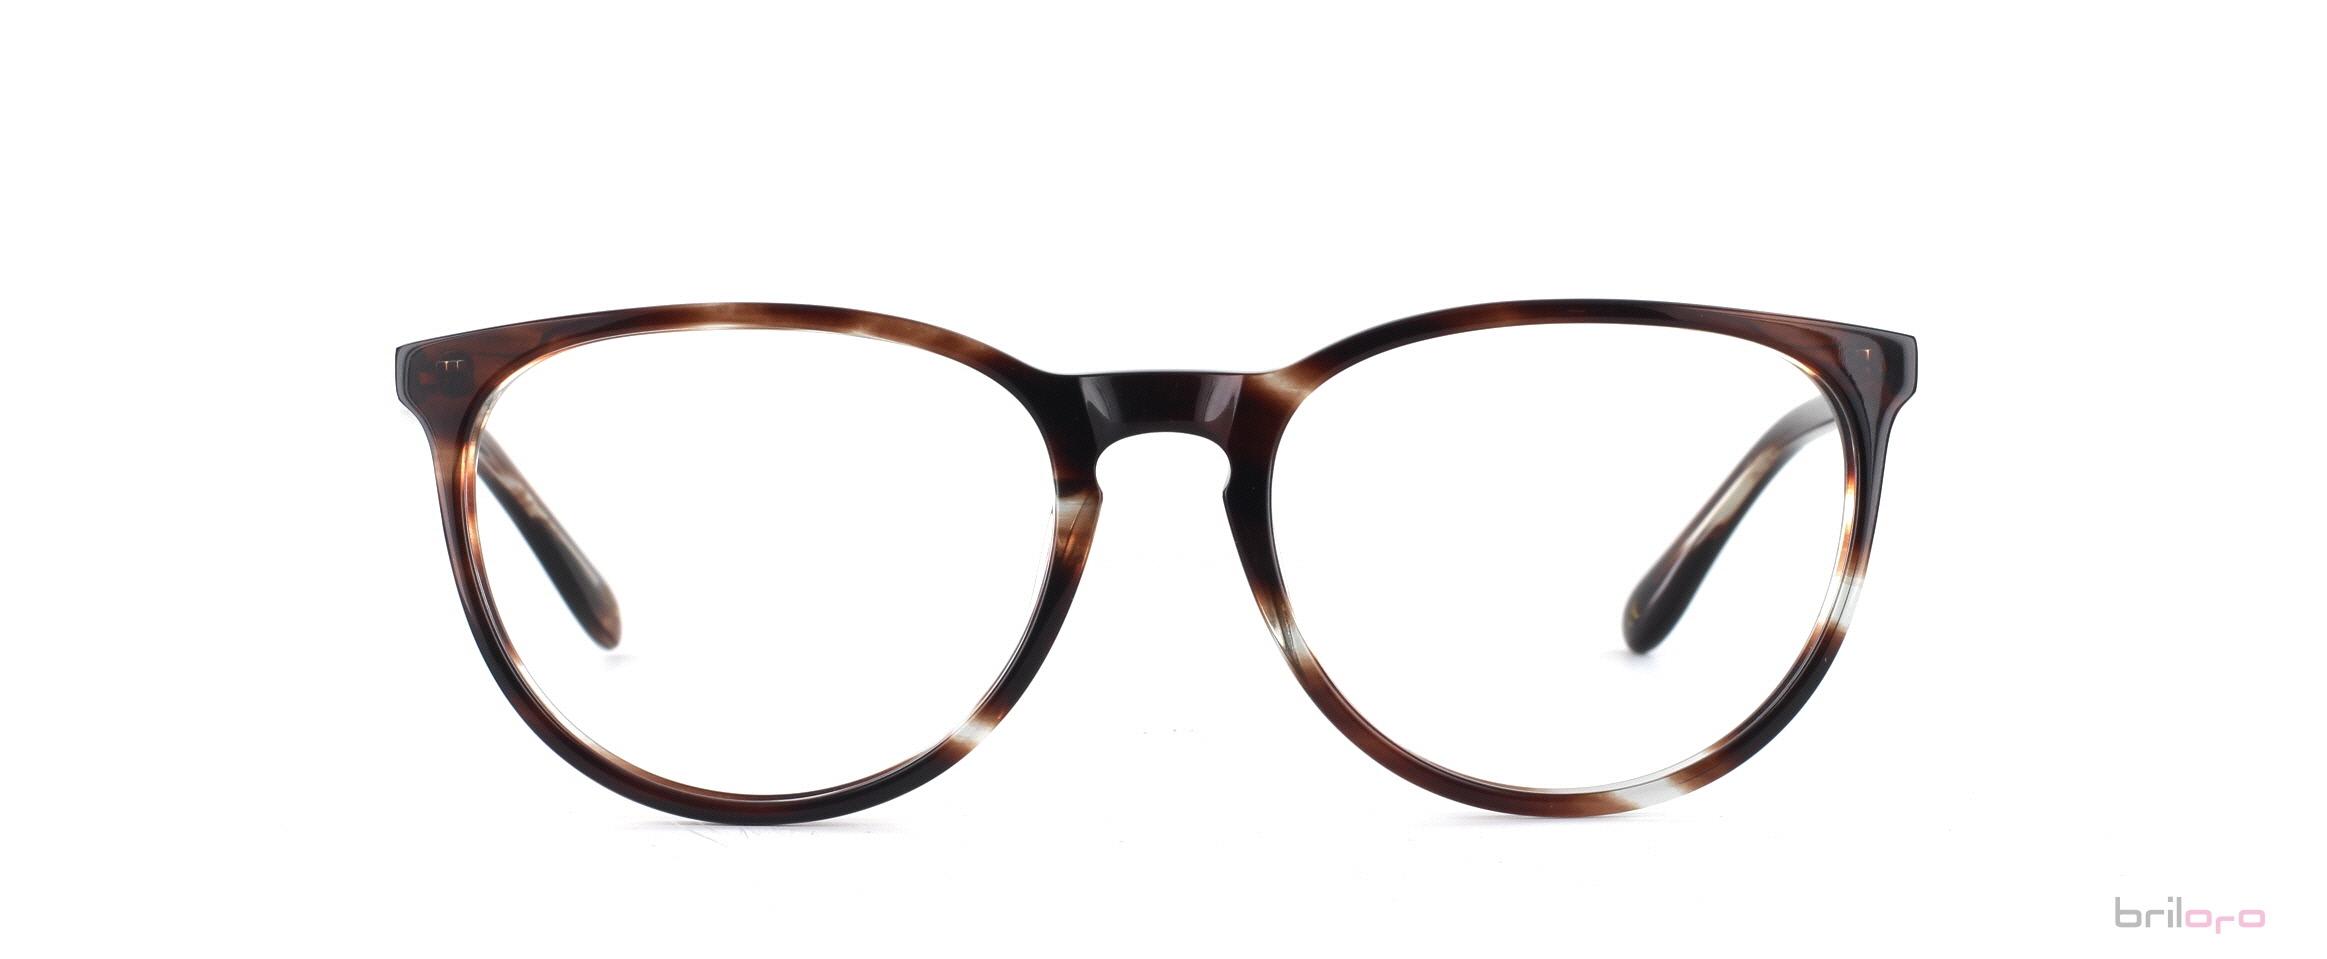 Maximo Striped Hickory Brille für Herbsttypen